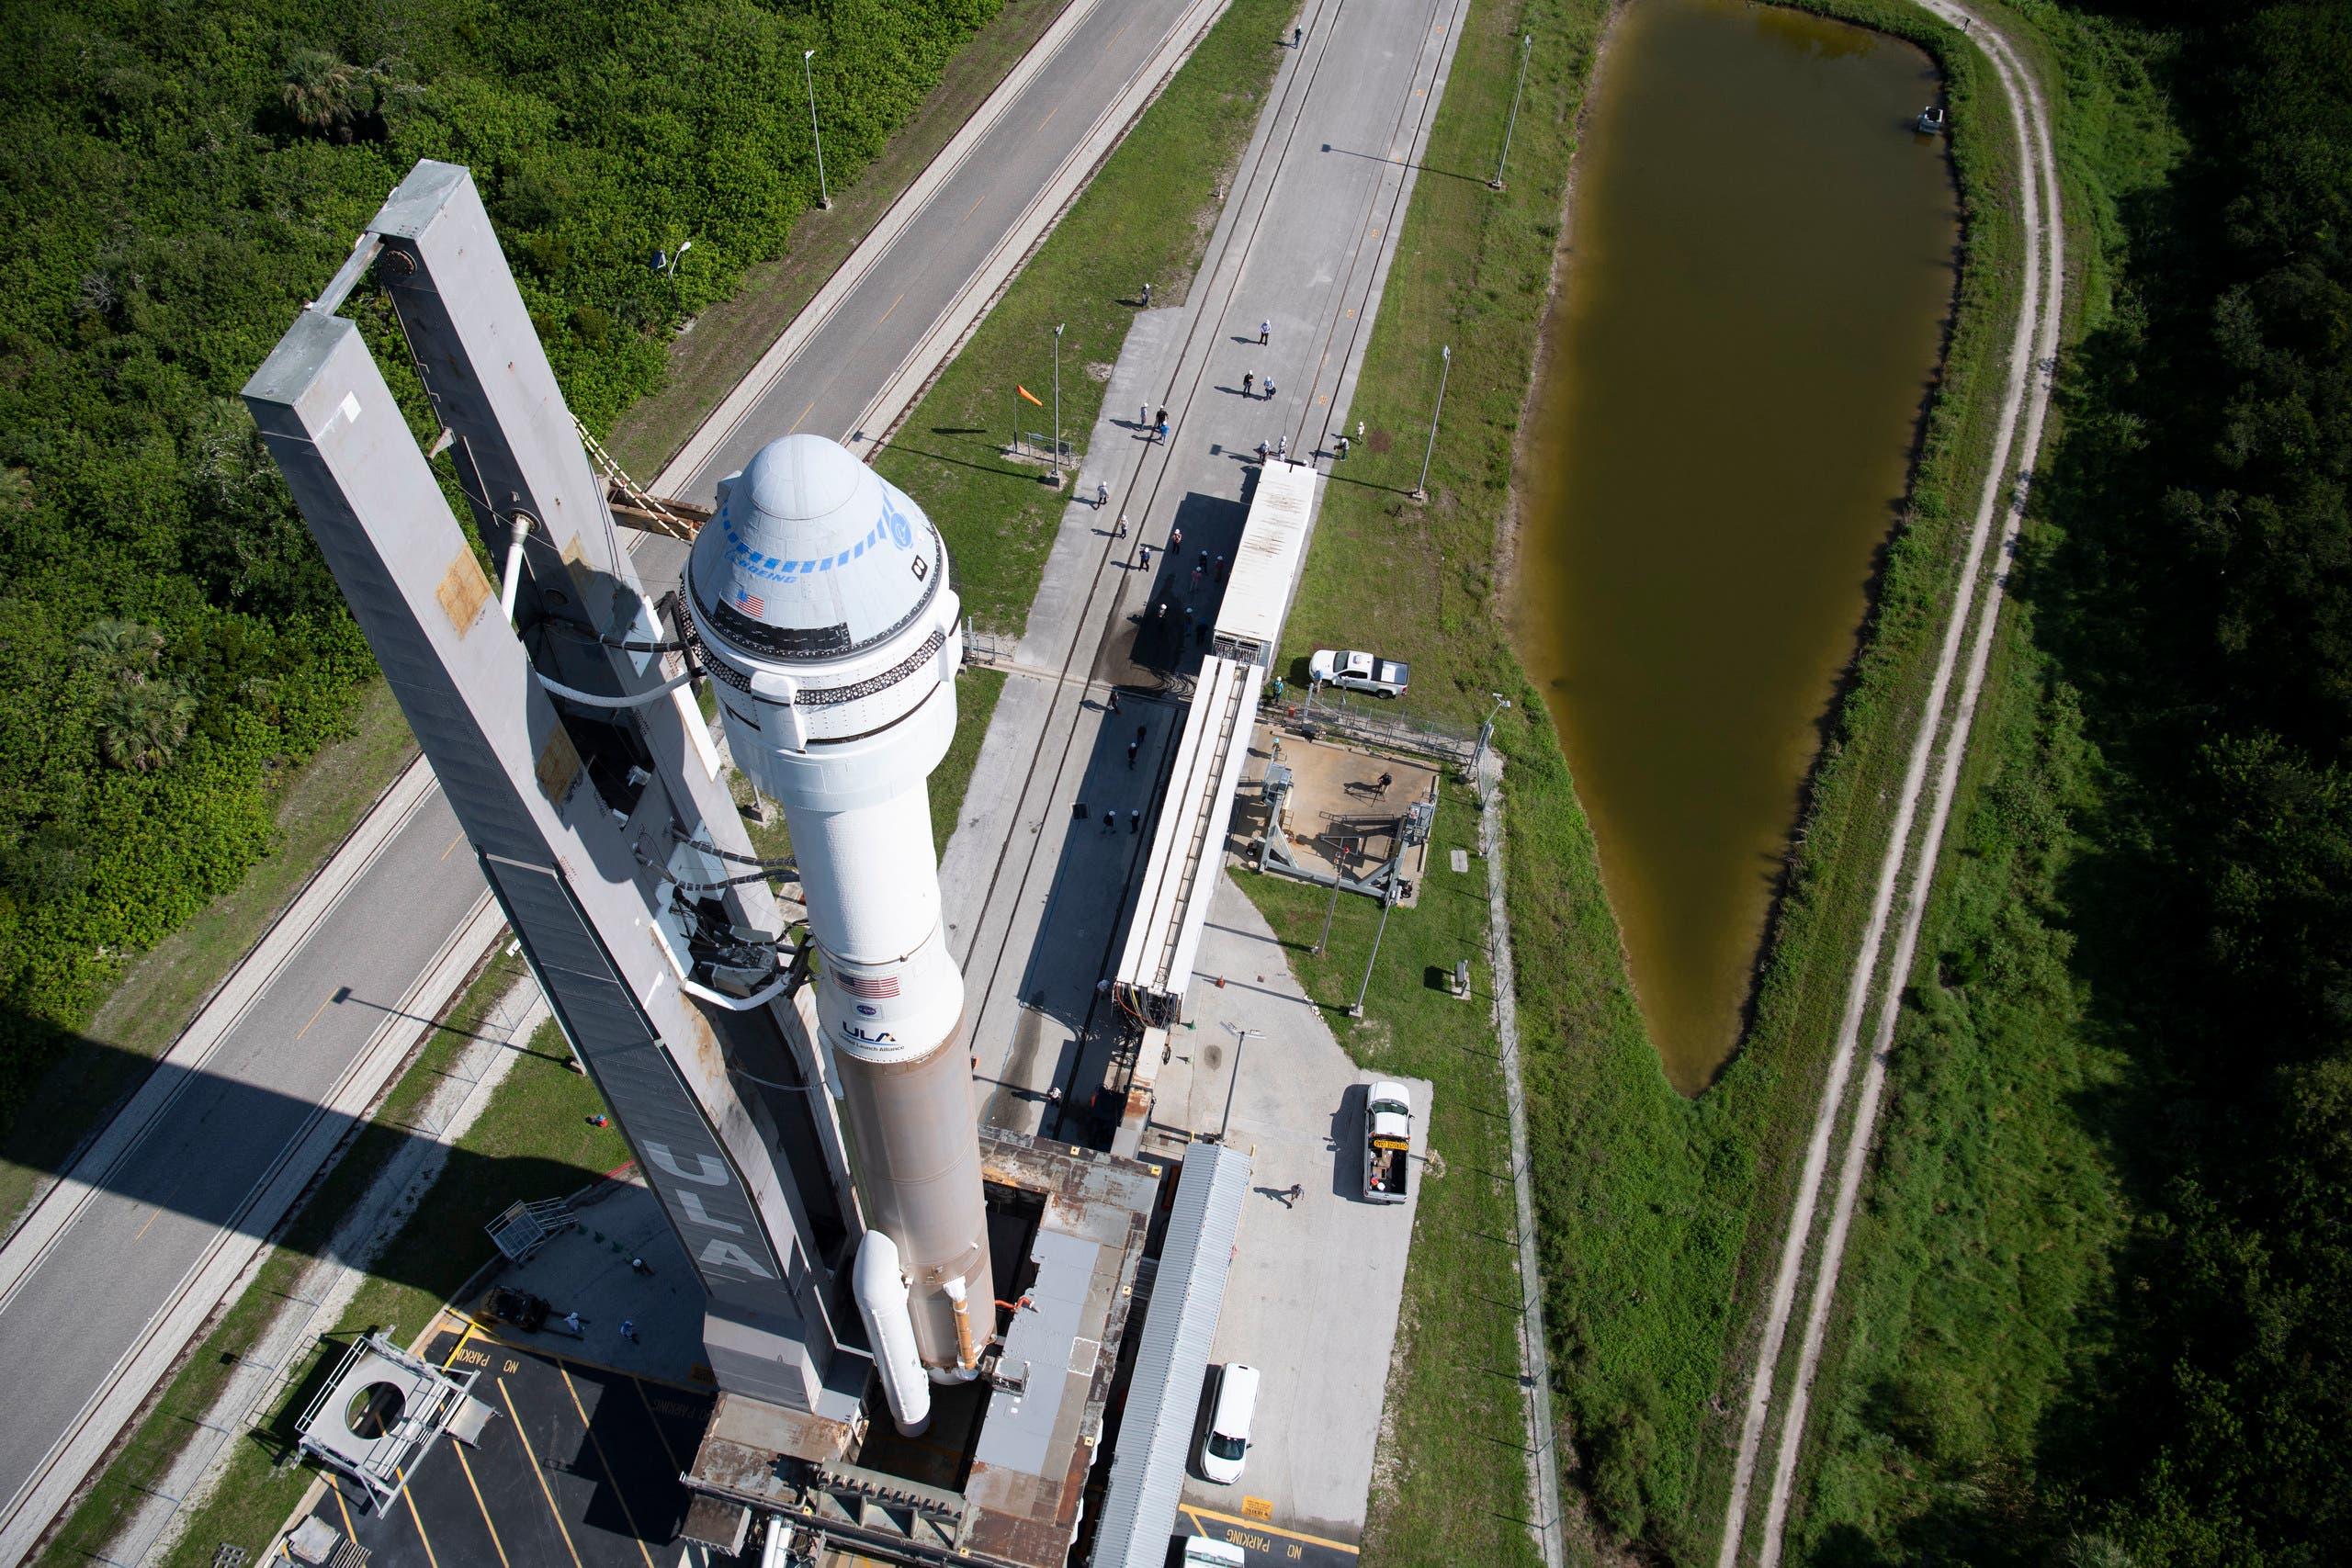 """صاروخ """"أطلس 5"""" يحمل كبسولة """"ستارلاينر"""" معداً للإطلاق في مركز كينيدي للفضاء"""